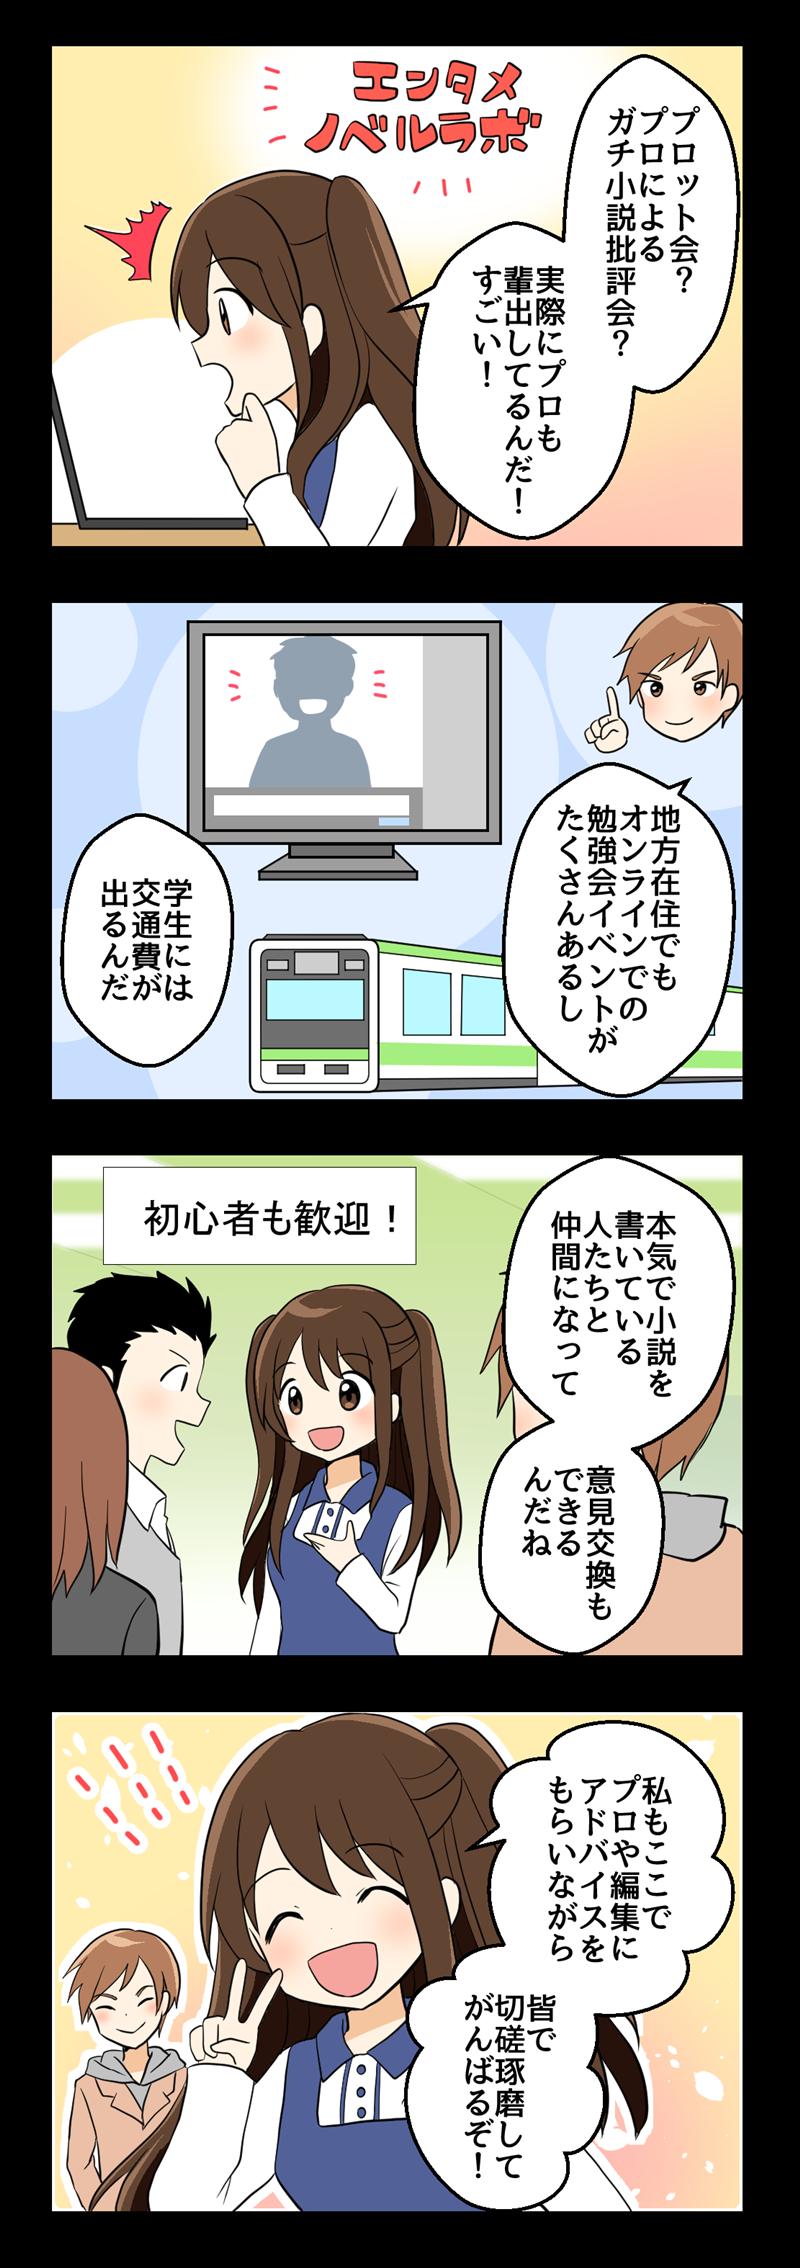 エンタメノベルラボの紹介漫画・後編